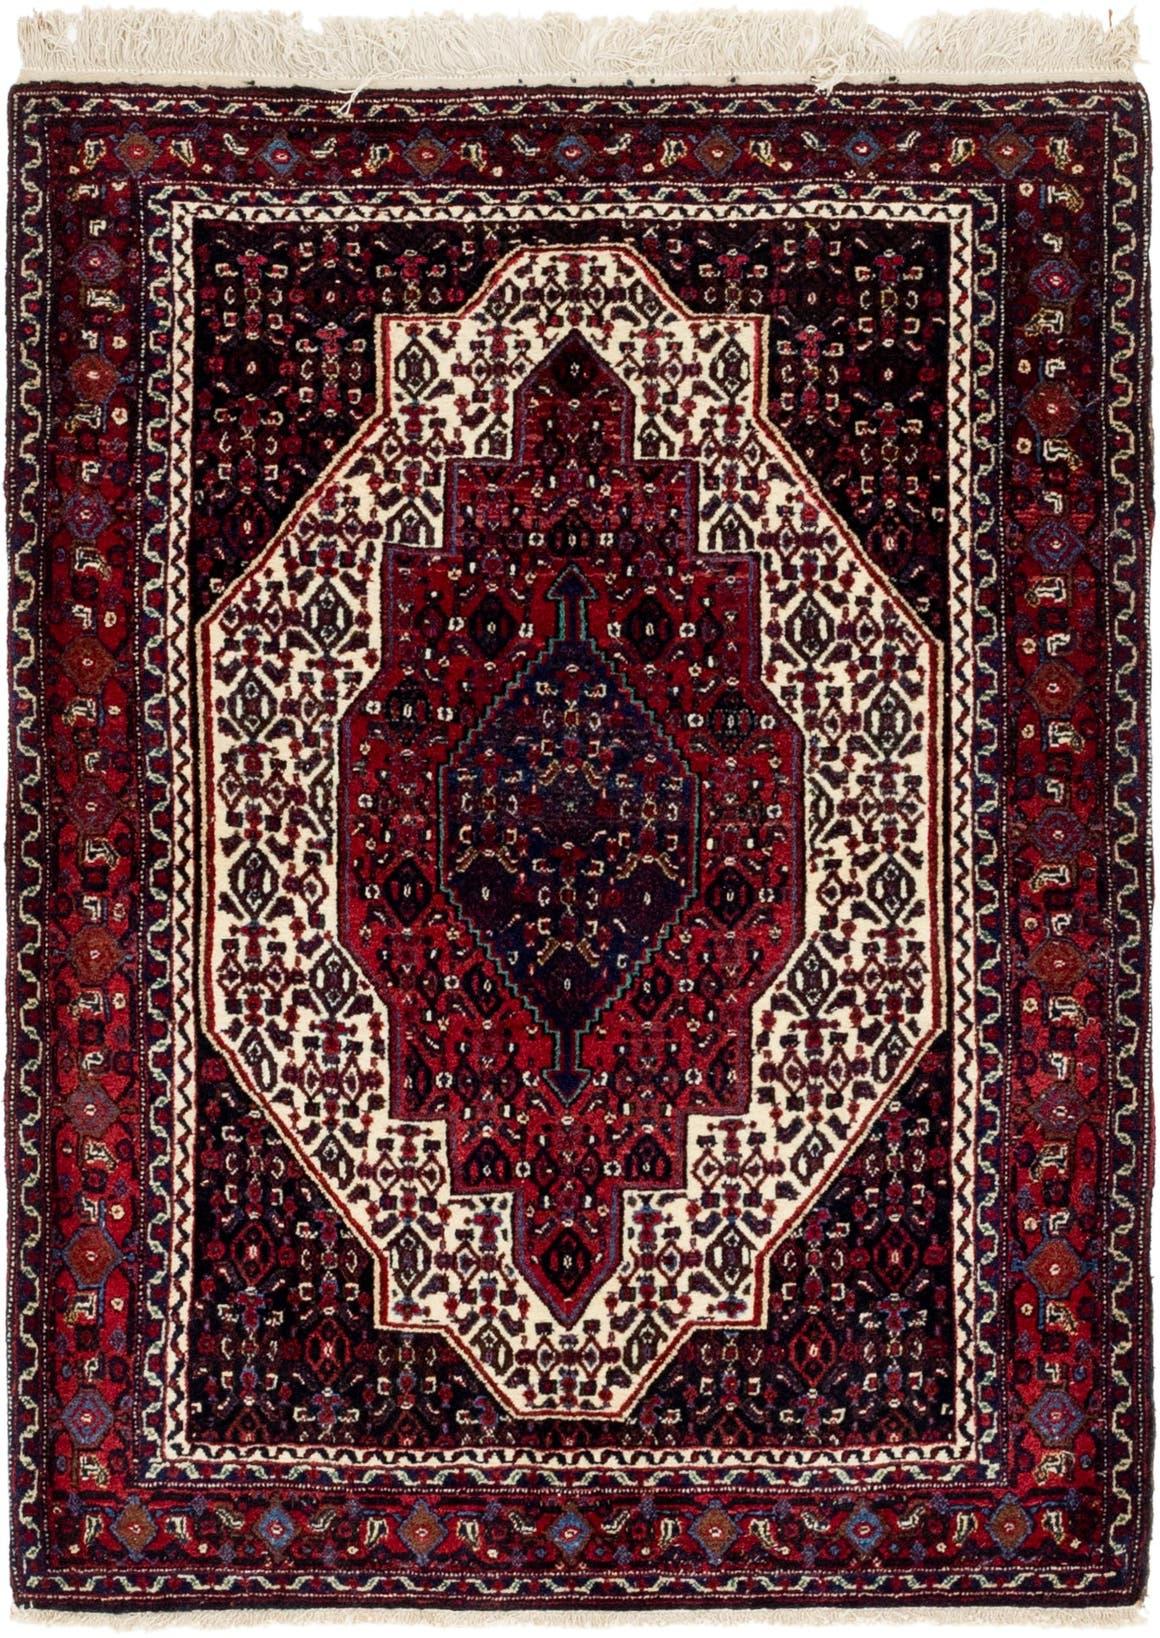 4' x 5' 2 Senneh Persian Rug main image